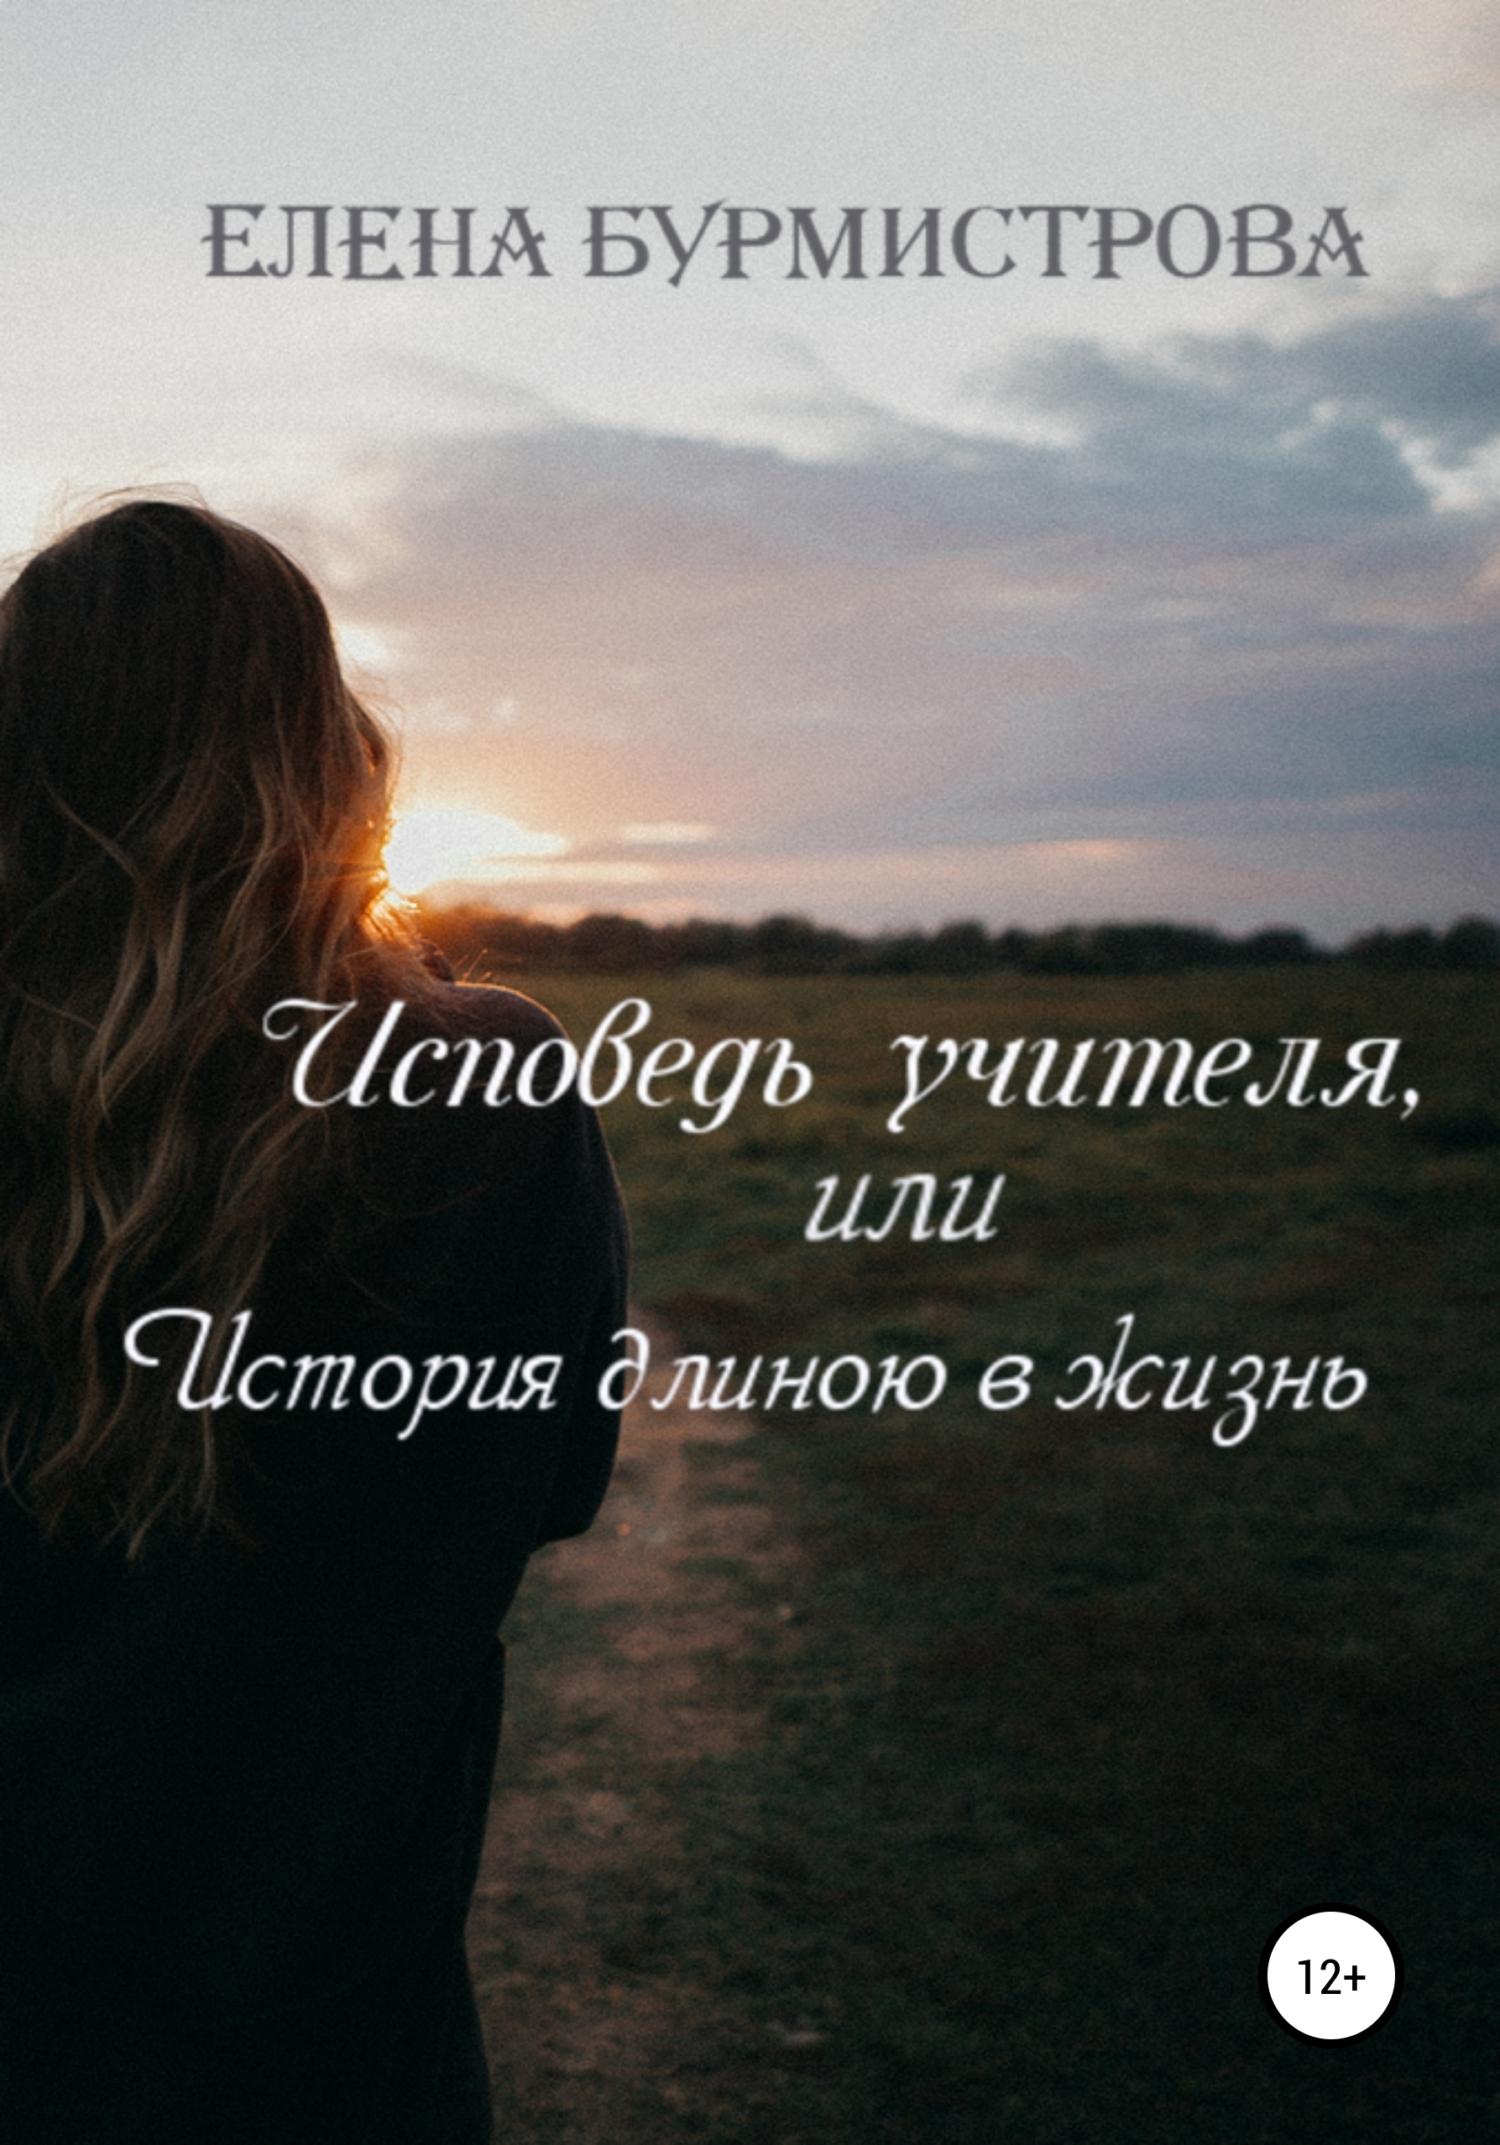 цена на Елена Валерьевна Бурмистрова Исповедь учителя, или История длиною в жизнь